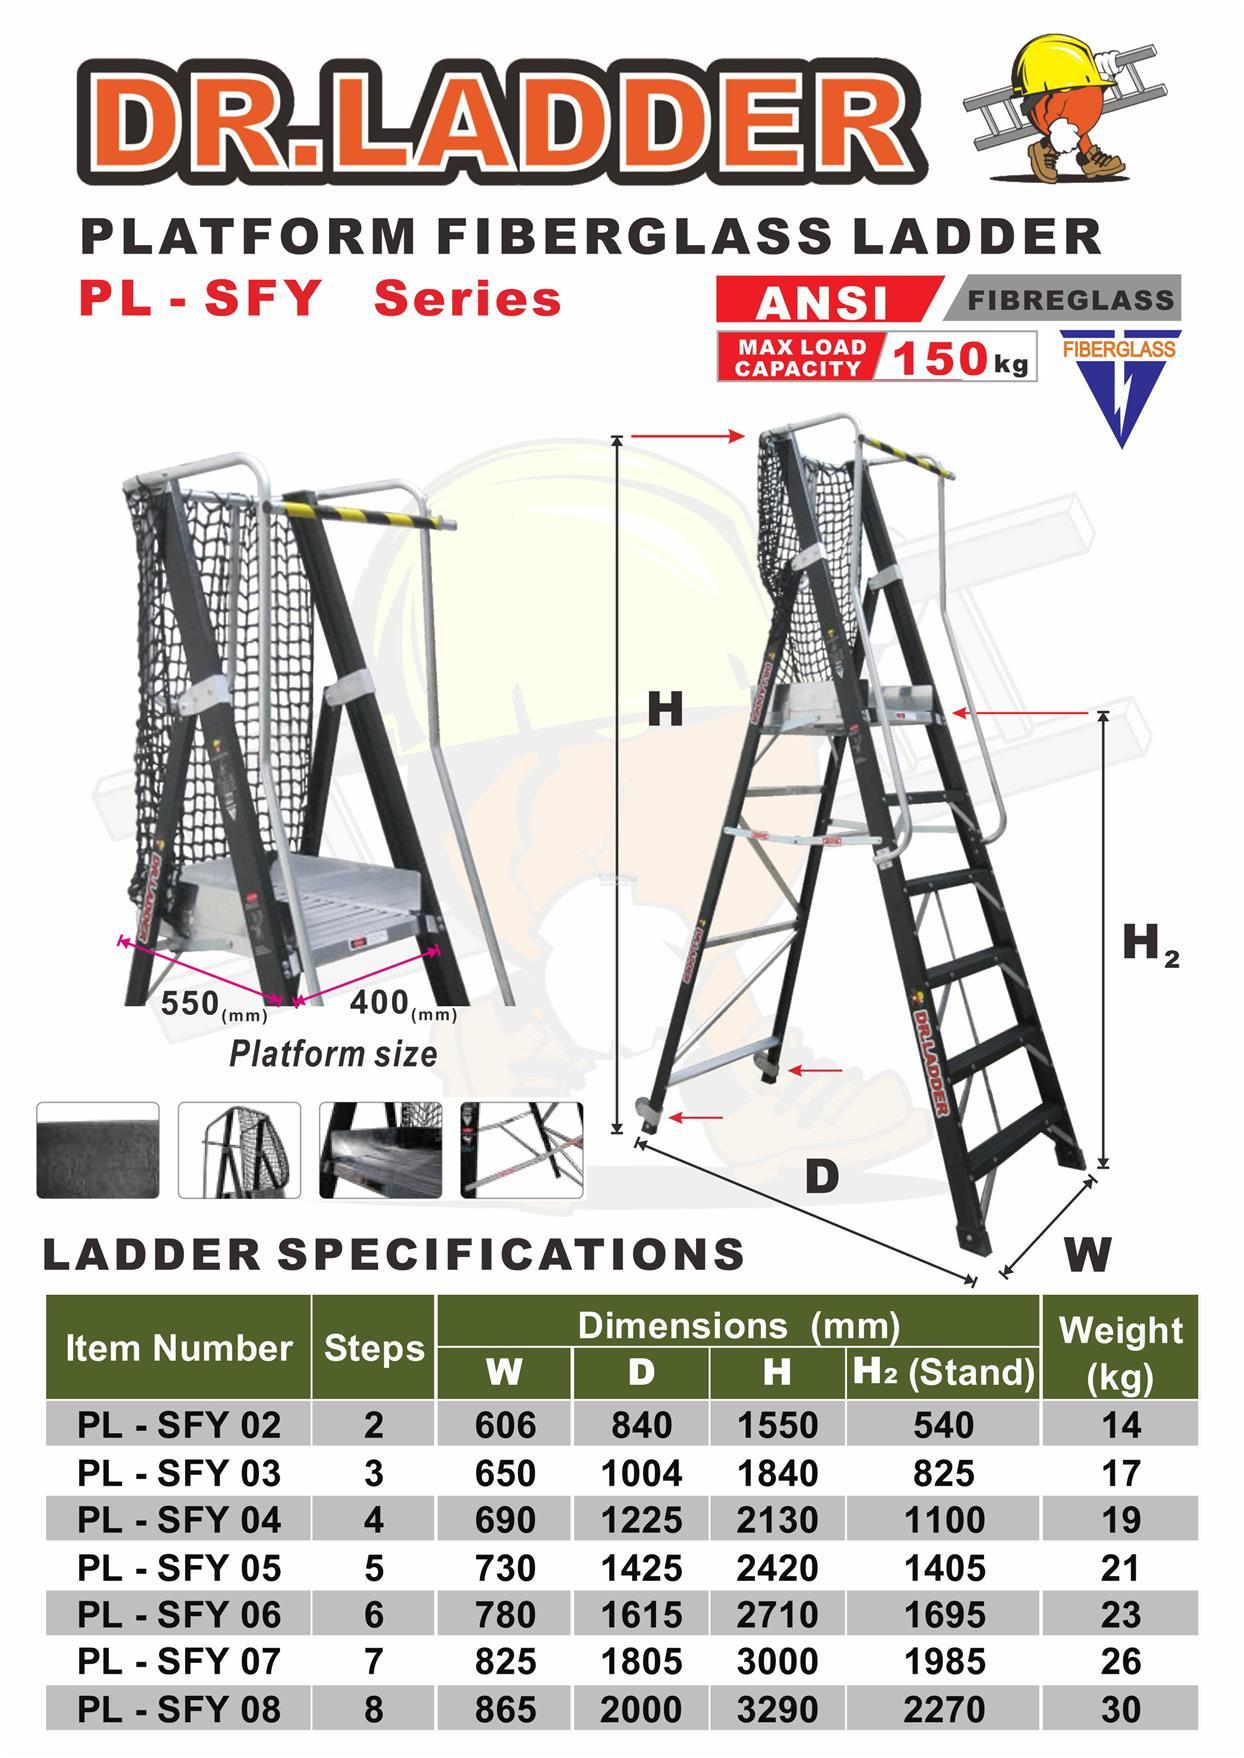 Dr Ladder Fibreglass Platform Ladde End 10 27 2018 1 15 Pm